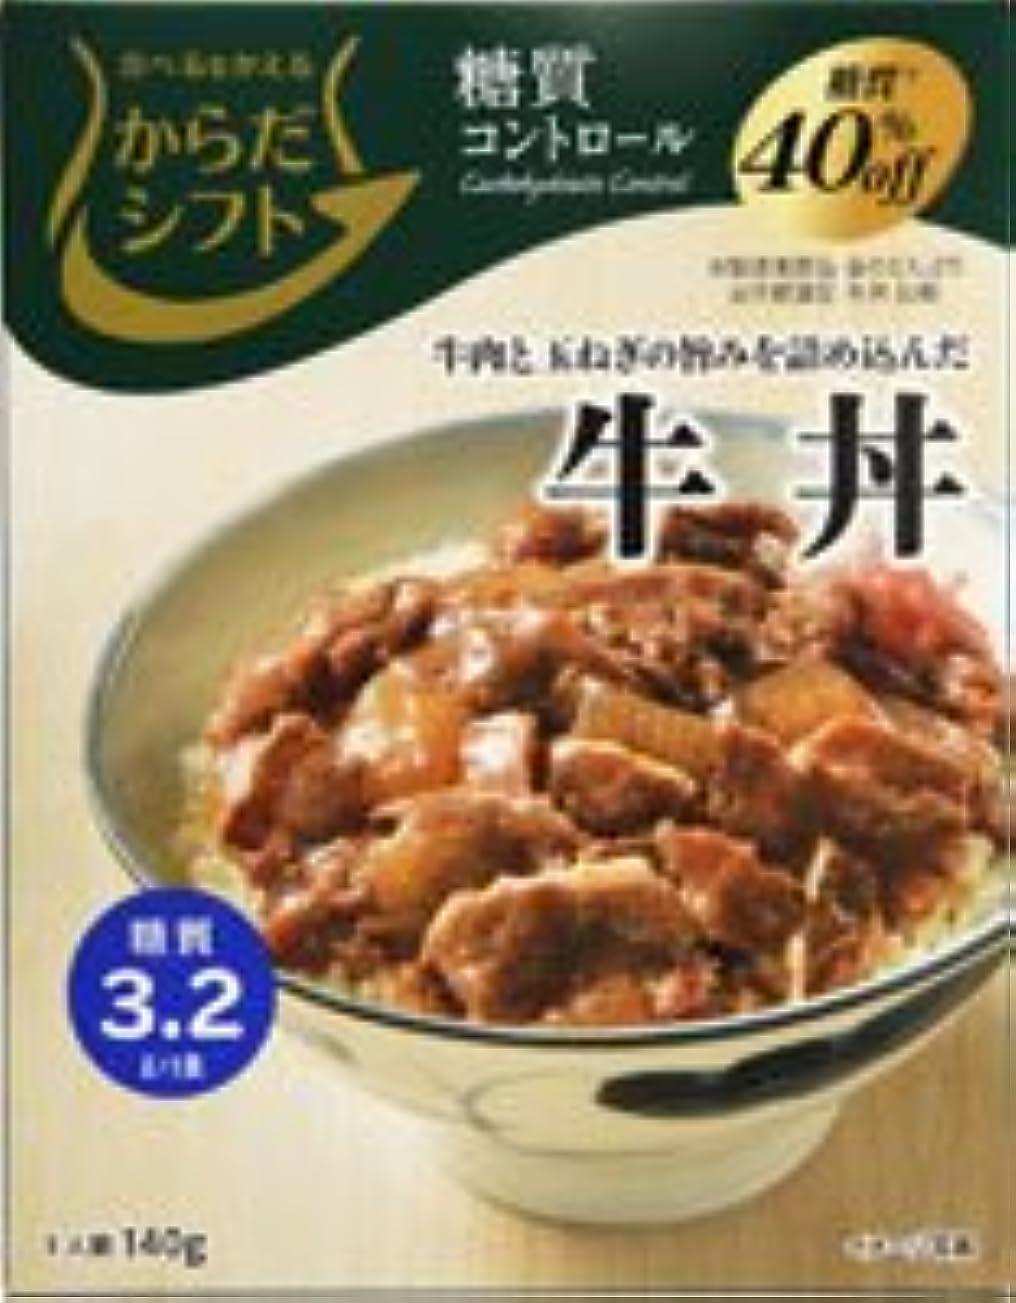 ダニバイパス違法からだシフト 糖質コントロール 牛丼140g 【5個セット】